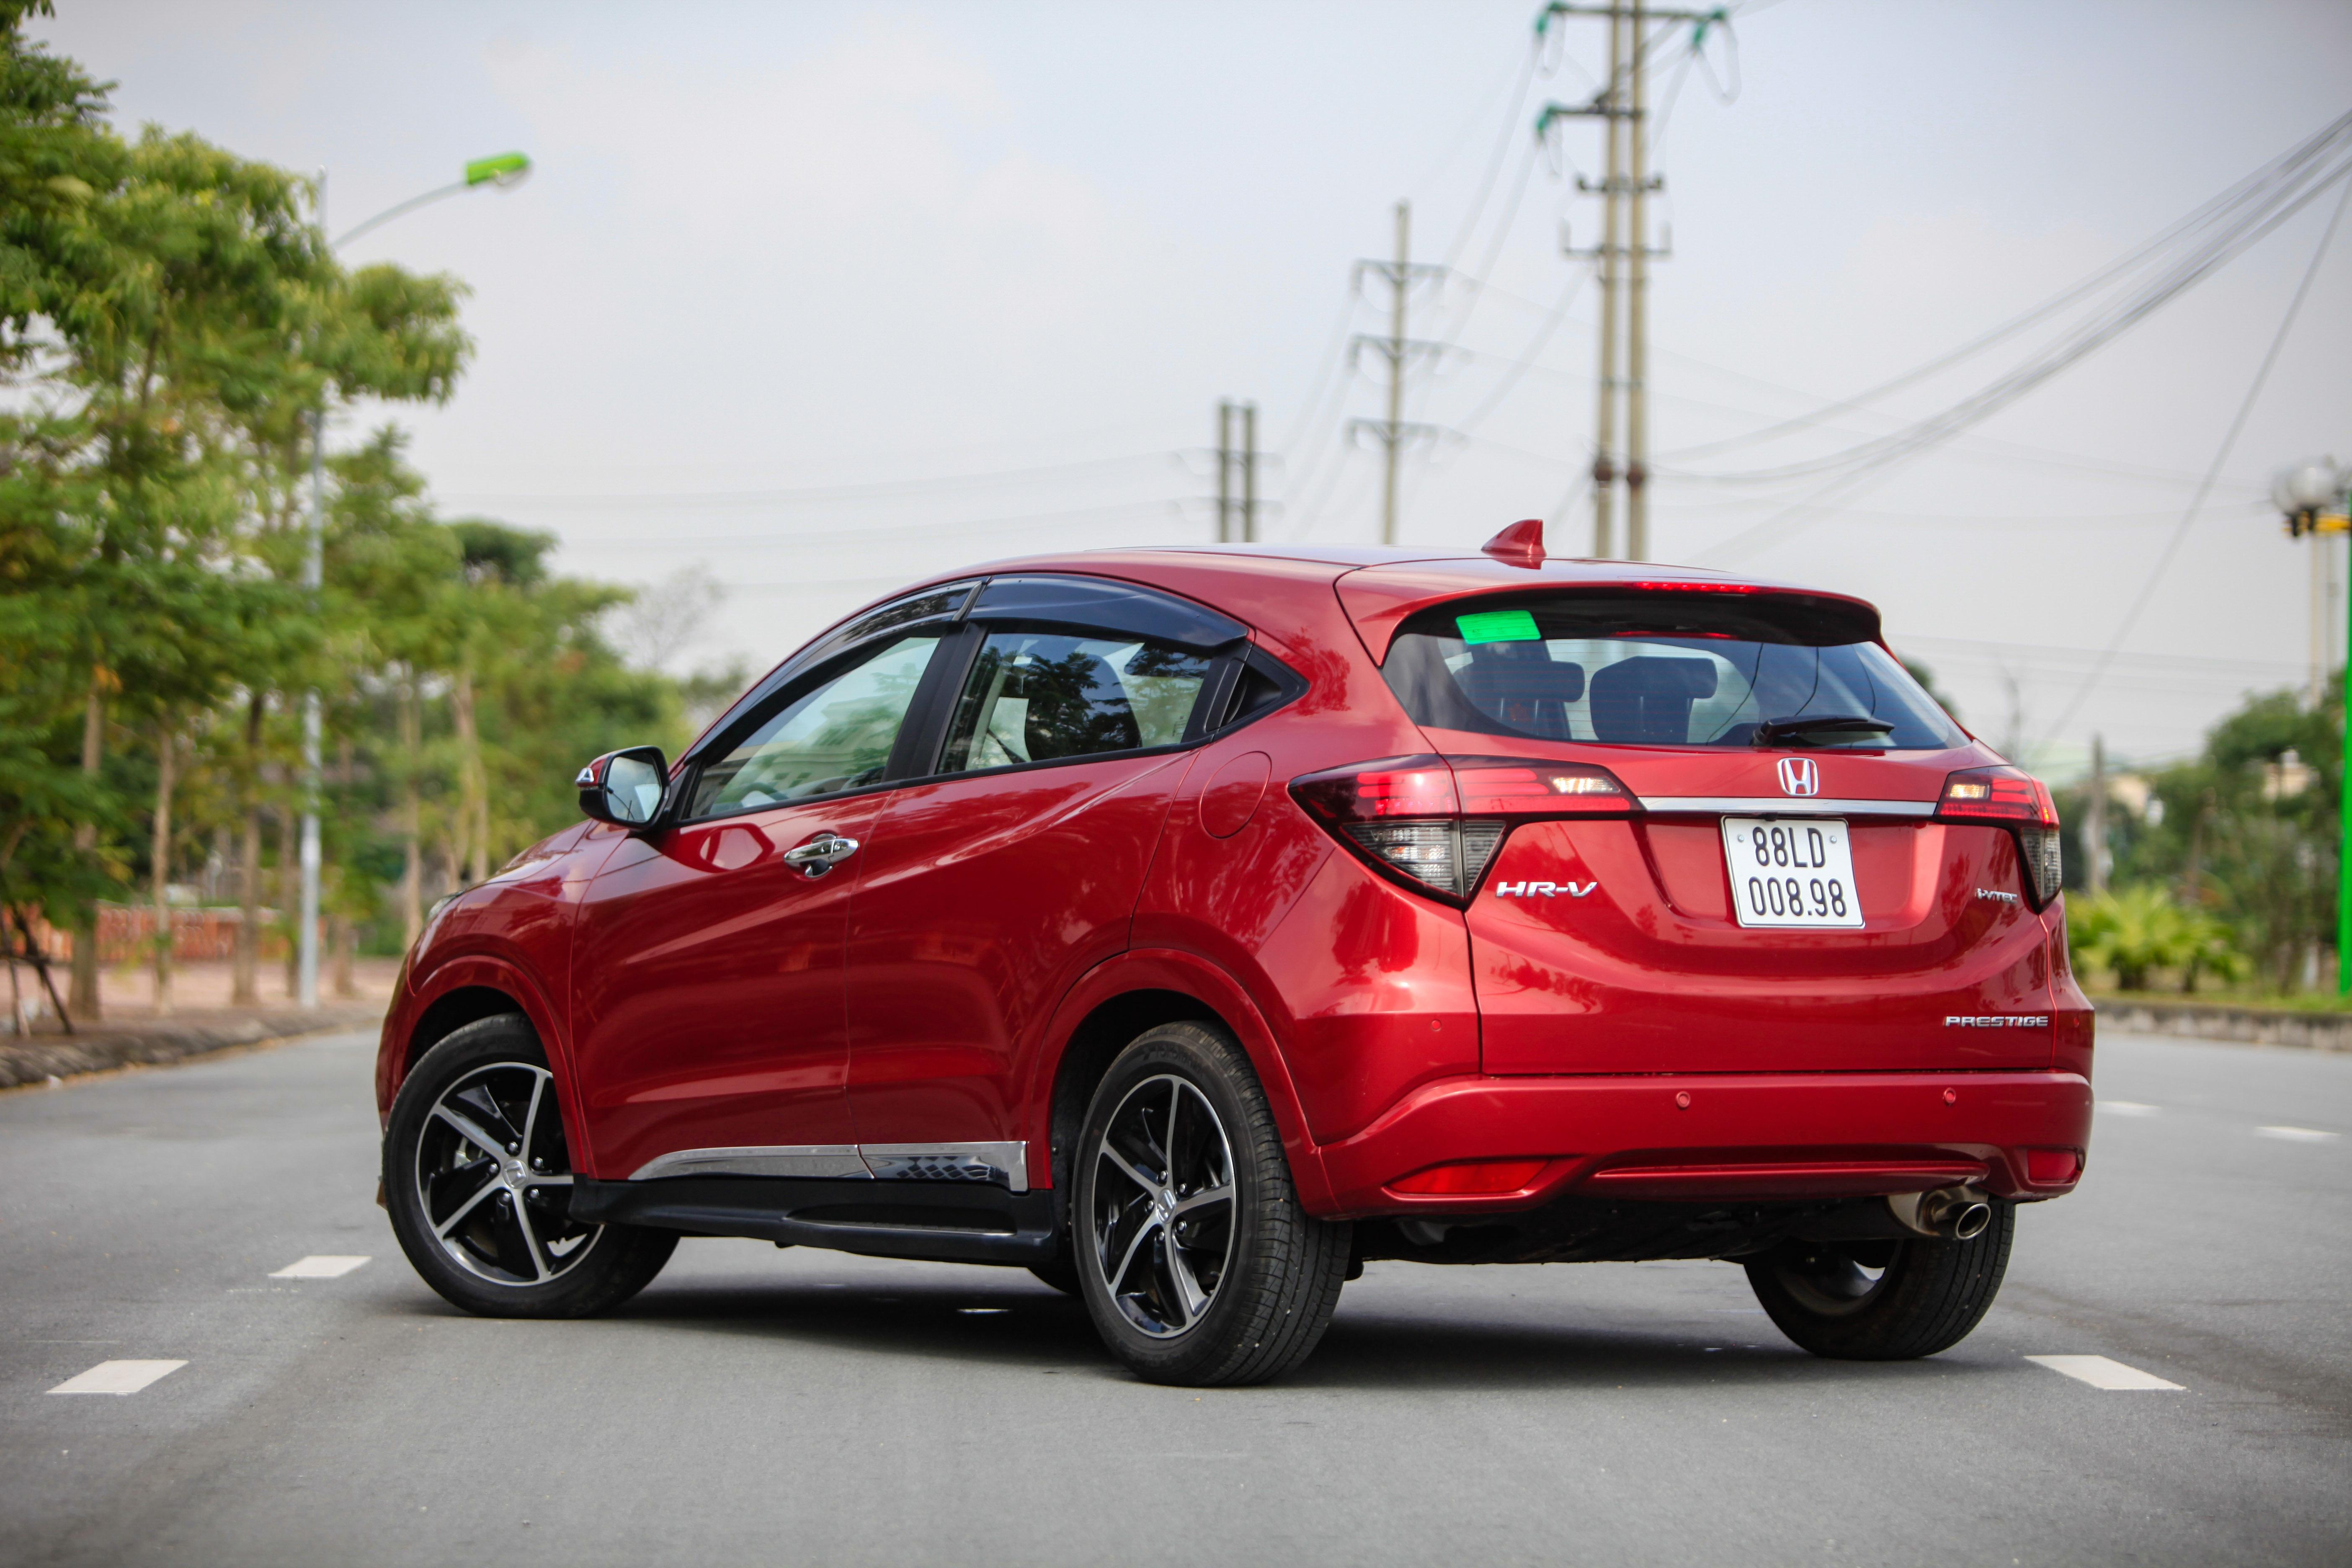 So sanh Mazda CX-30 va Honda HR-V anh 7